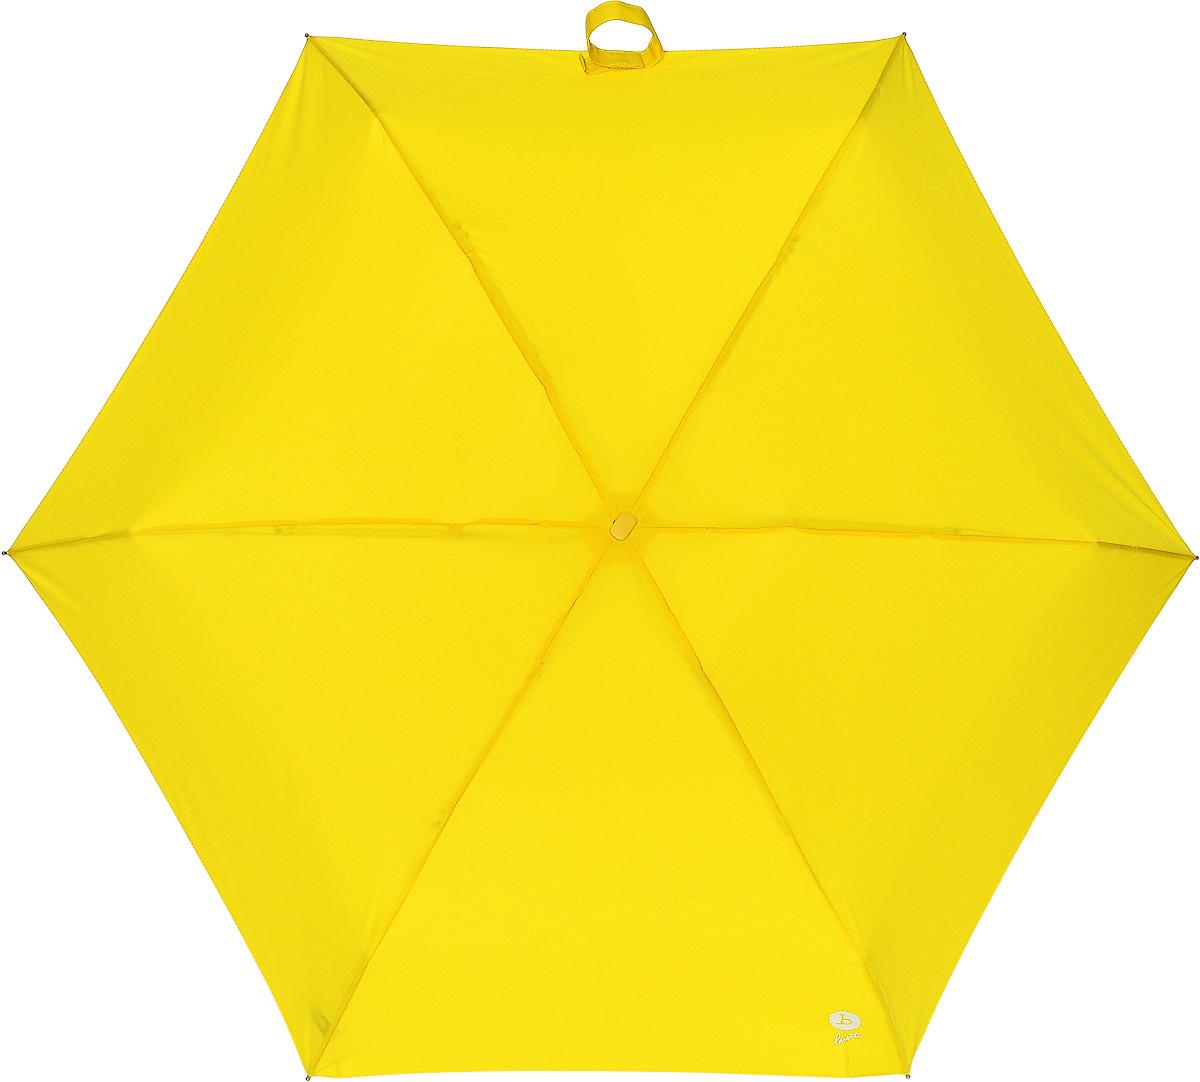 Bisetti 3569-3 Зонт механический 5 сл. жен.3569-3Зонт испанского производителя Clima. В производстве зонтов используются современные материалы, что делает зонты легкими, но в то же время крепкими.Механический, 5 сложений, 7 спиц по 53см, полиэстер.